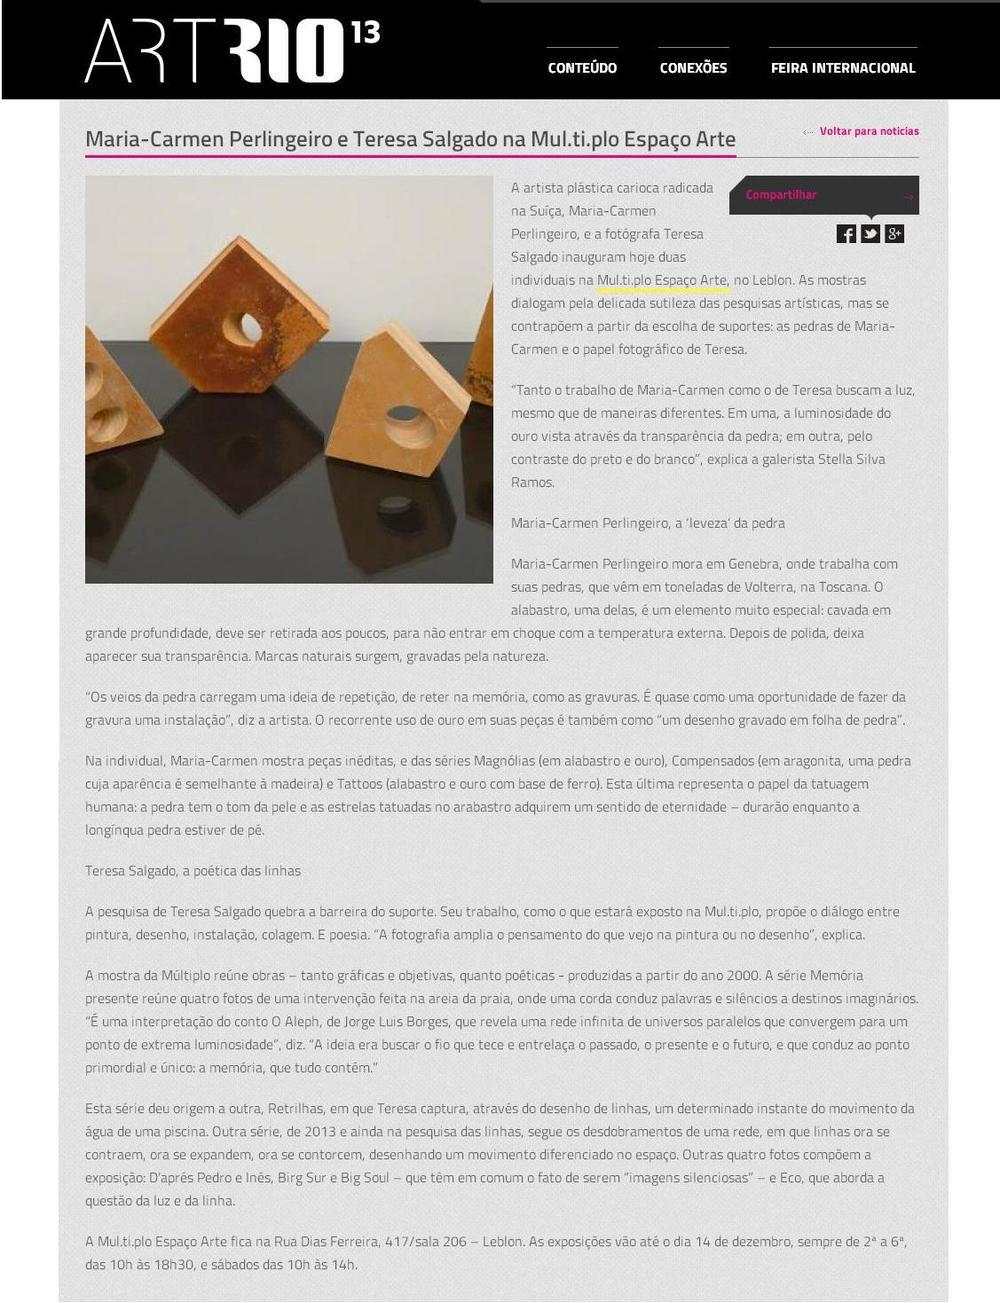 MUL.TI.PLO ESPAÇO ARTE NO SITE DA ARTRIO 12.11.2013.JPG